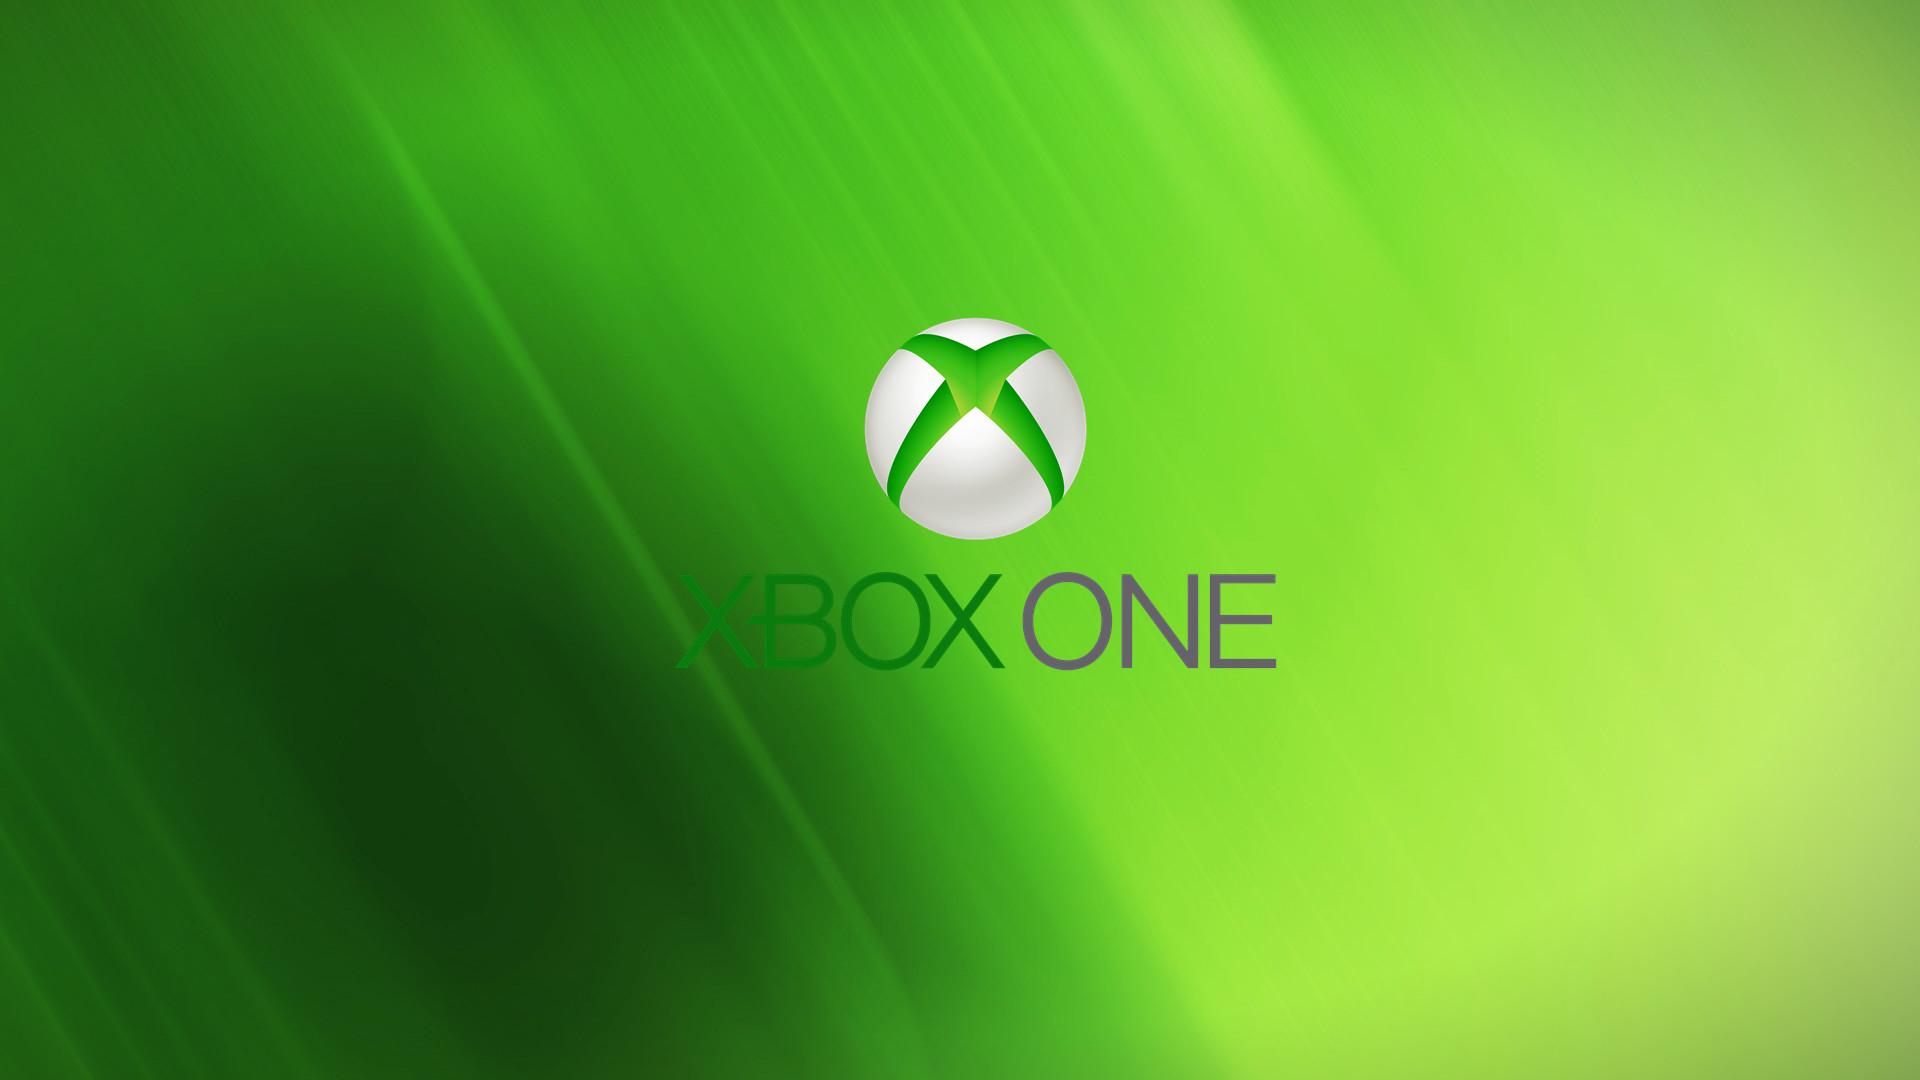 73 Xbox One